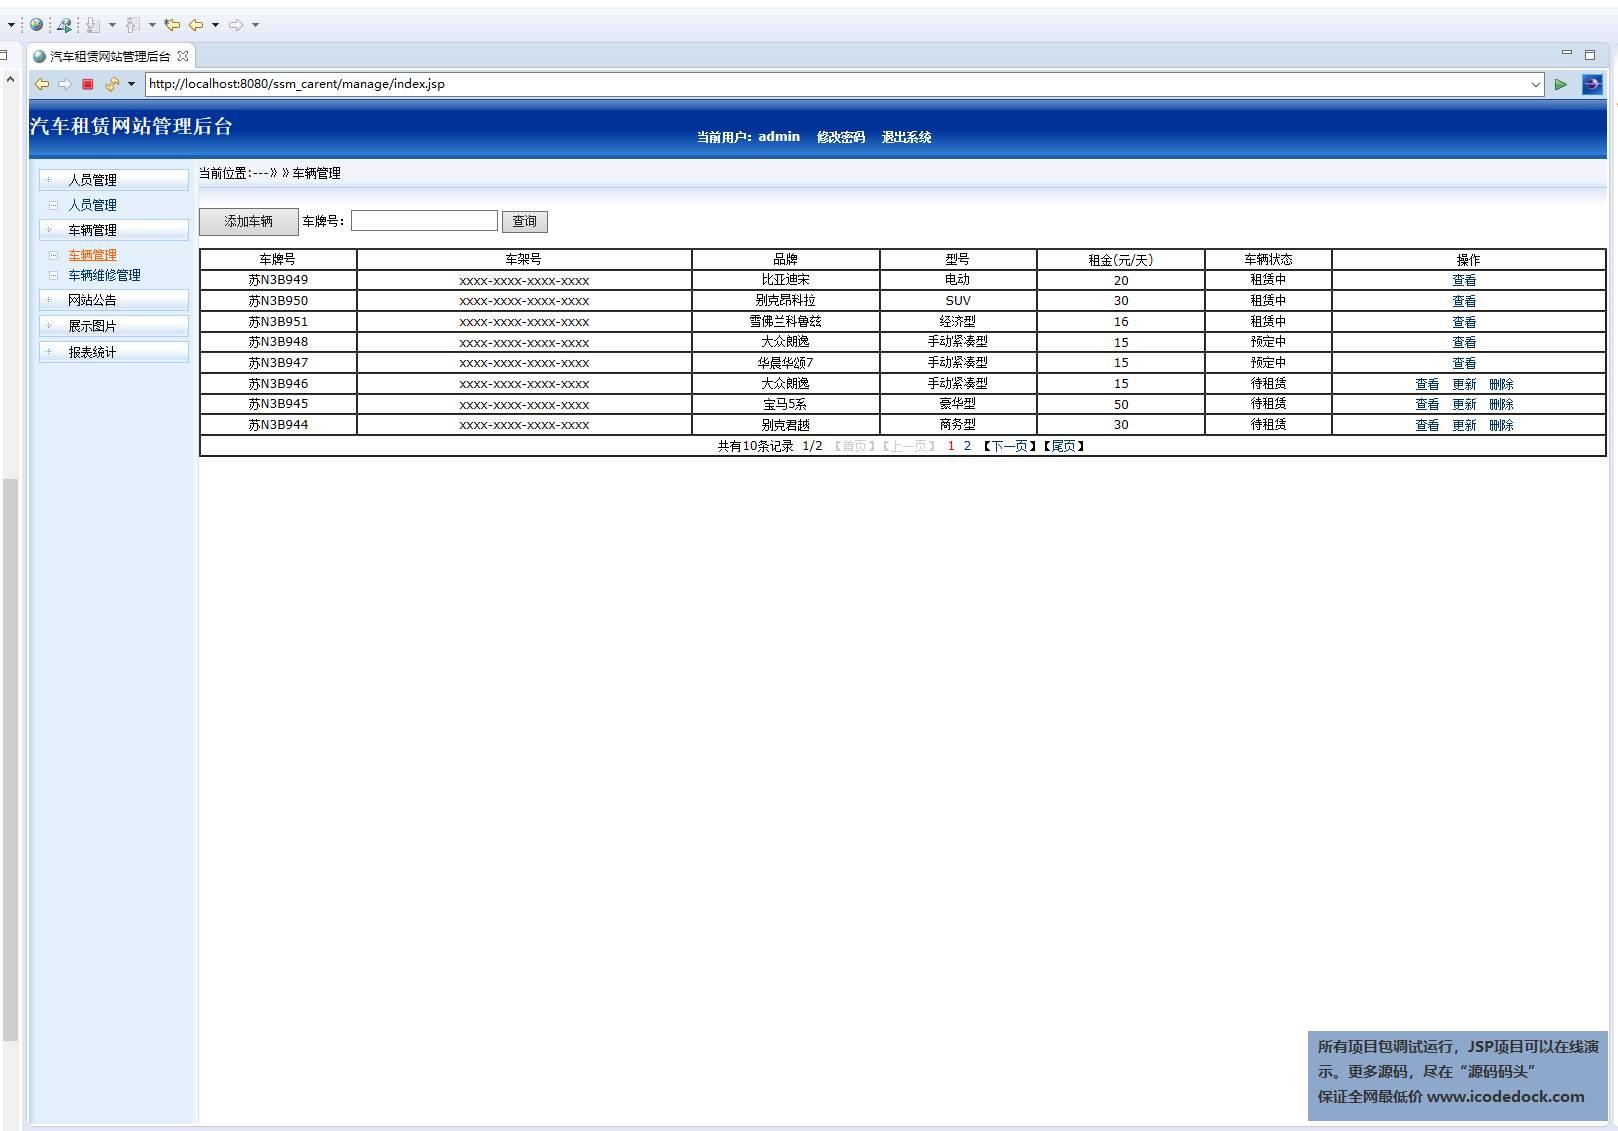 源码码头-SSM汽车出租管理系统-管理员角色-车辆管理